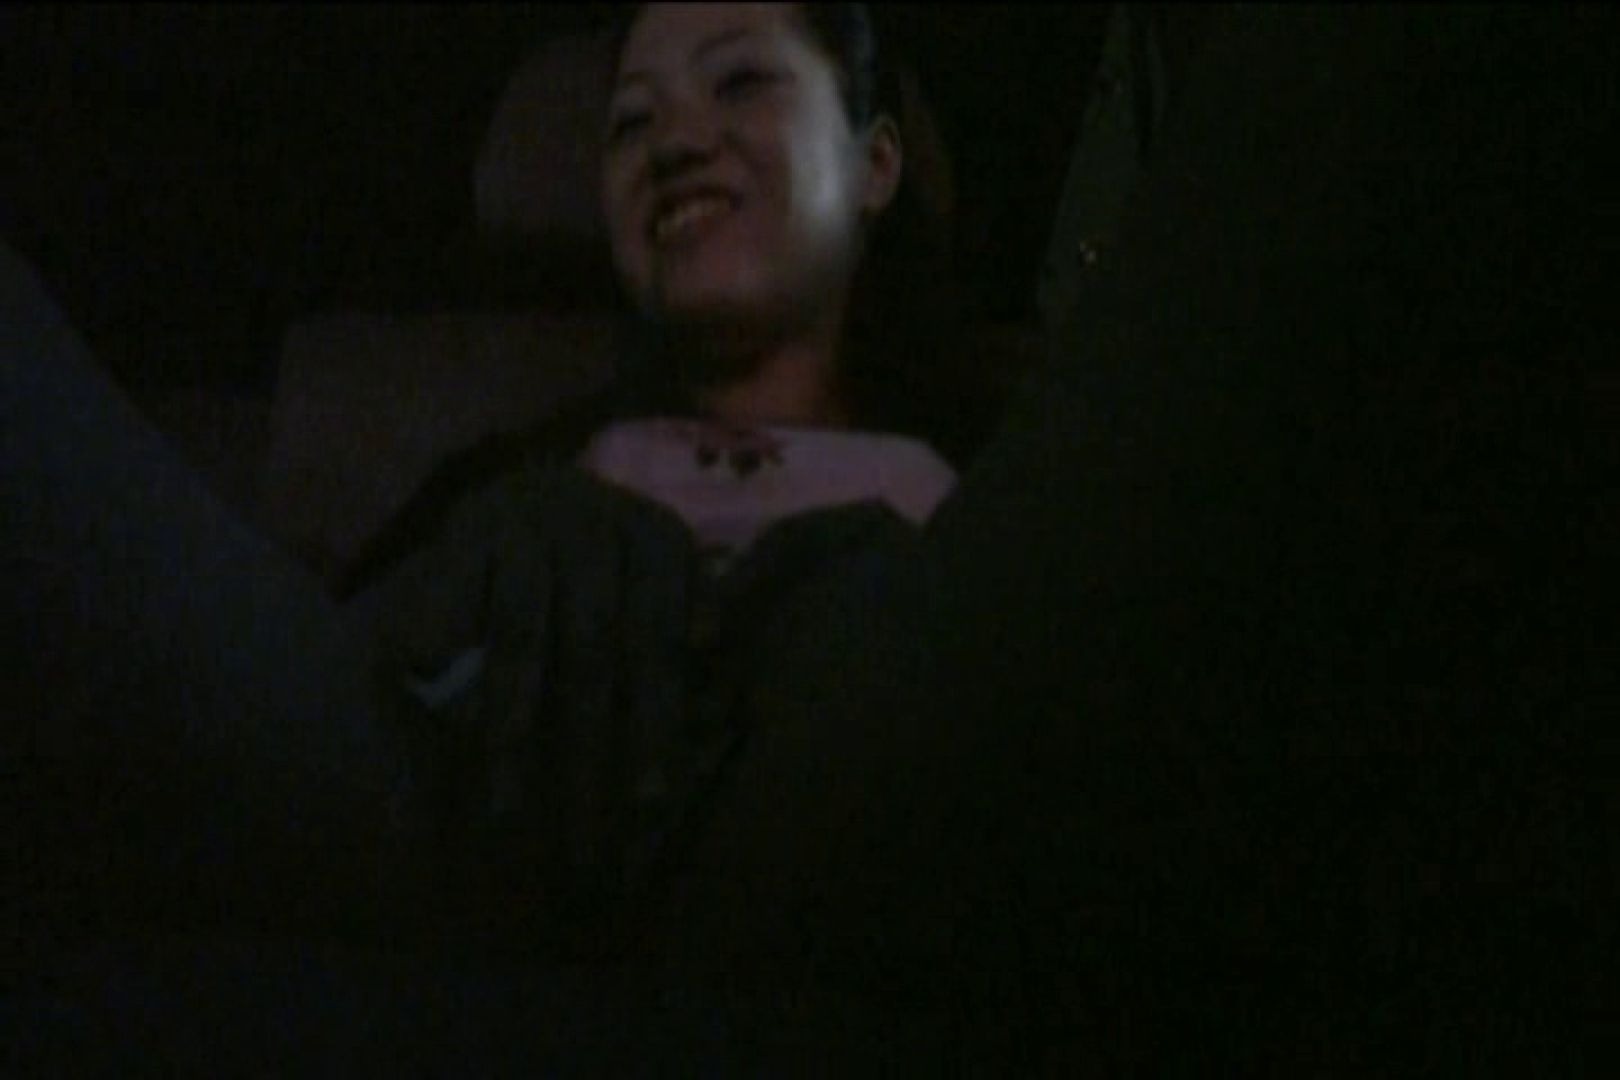 車内で初めまして! vol01 ハプニング   盗撮  68pic 54